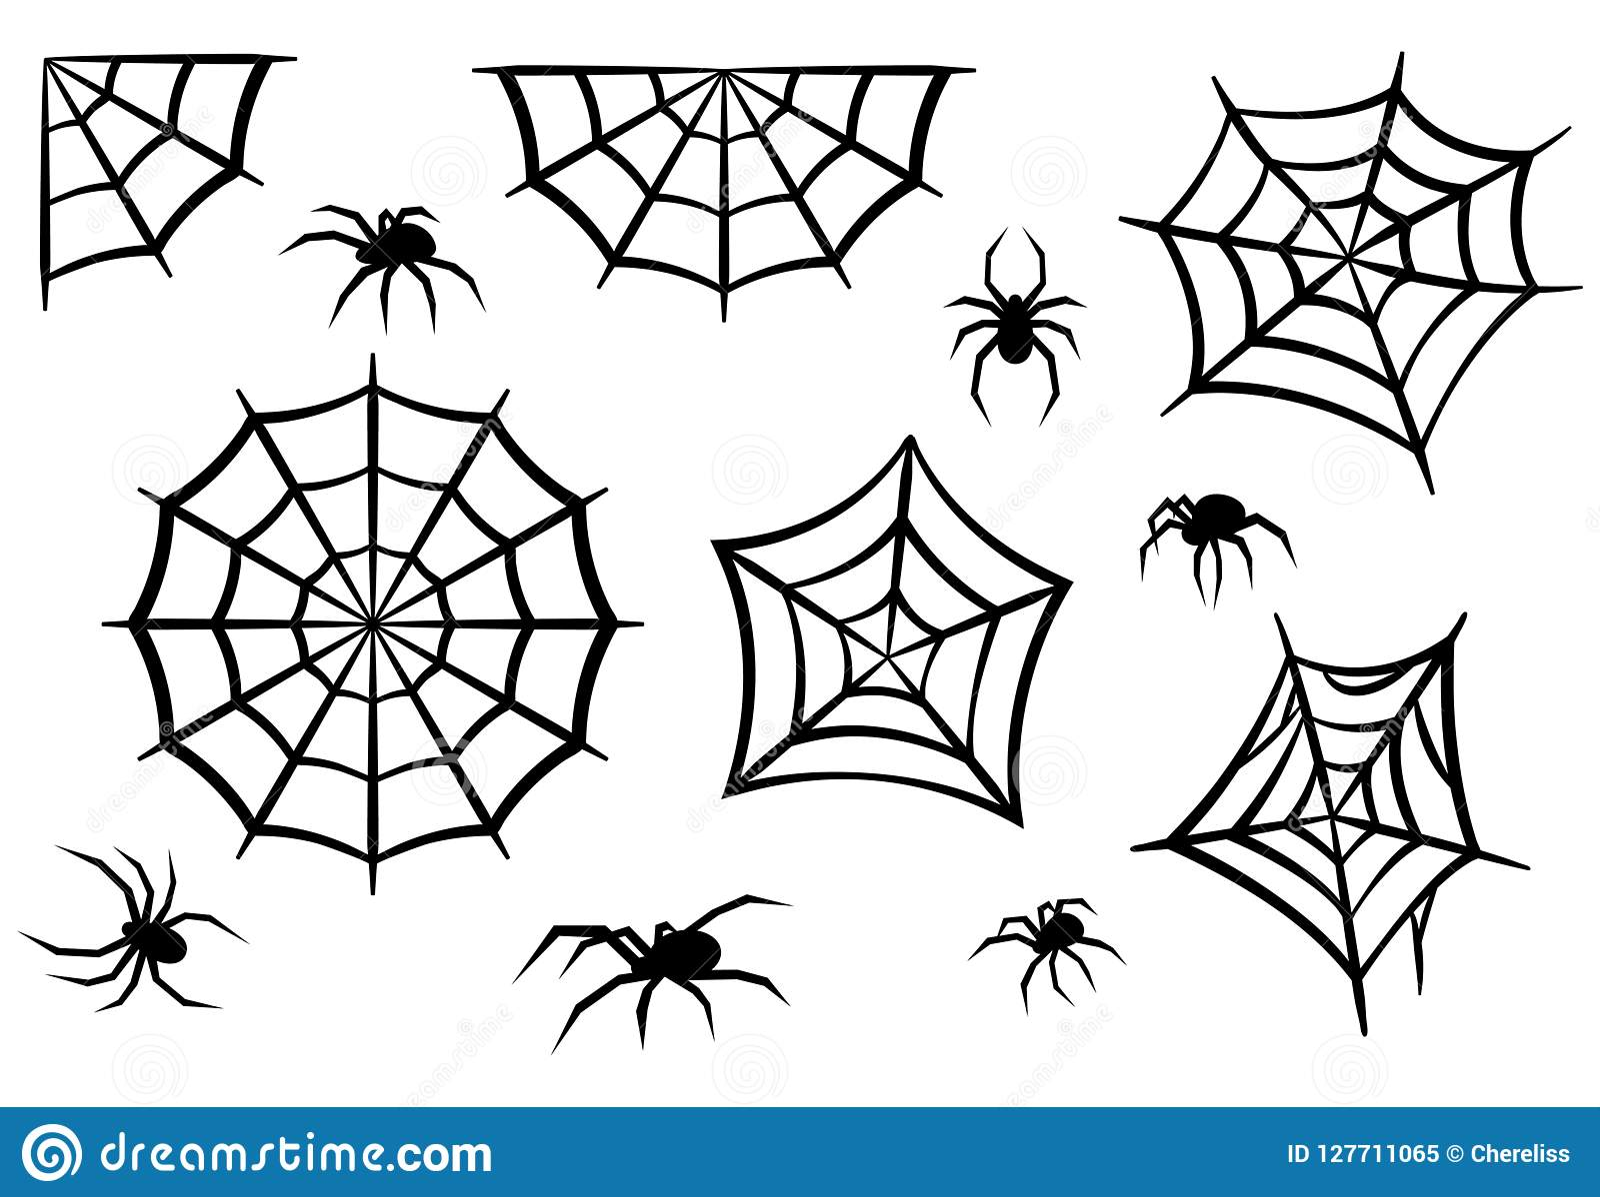 Siluetas negras de arañas y de web de araña Elementos de Halloween aislados en el fondo blanco Ilustración del vector